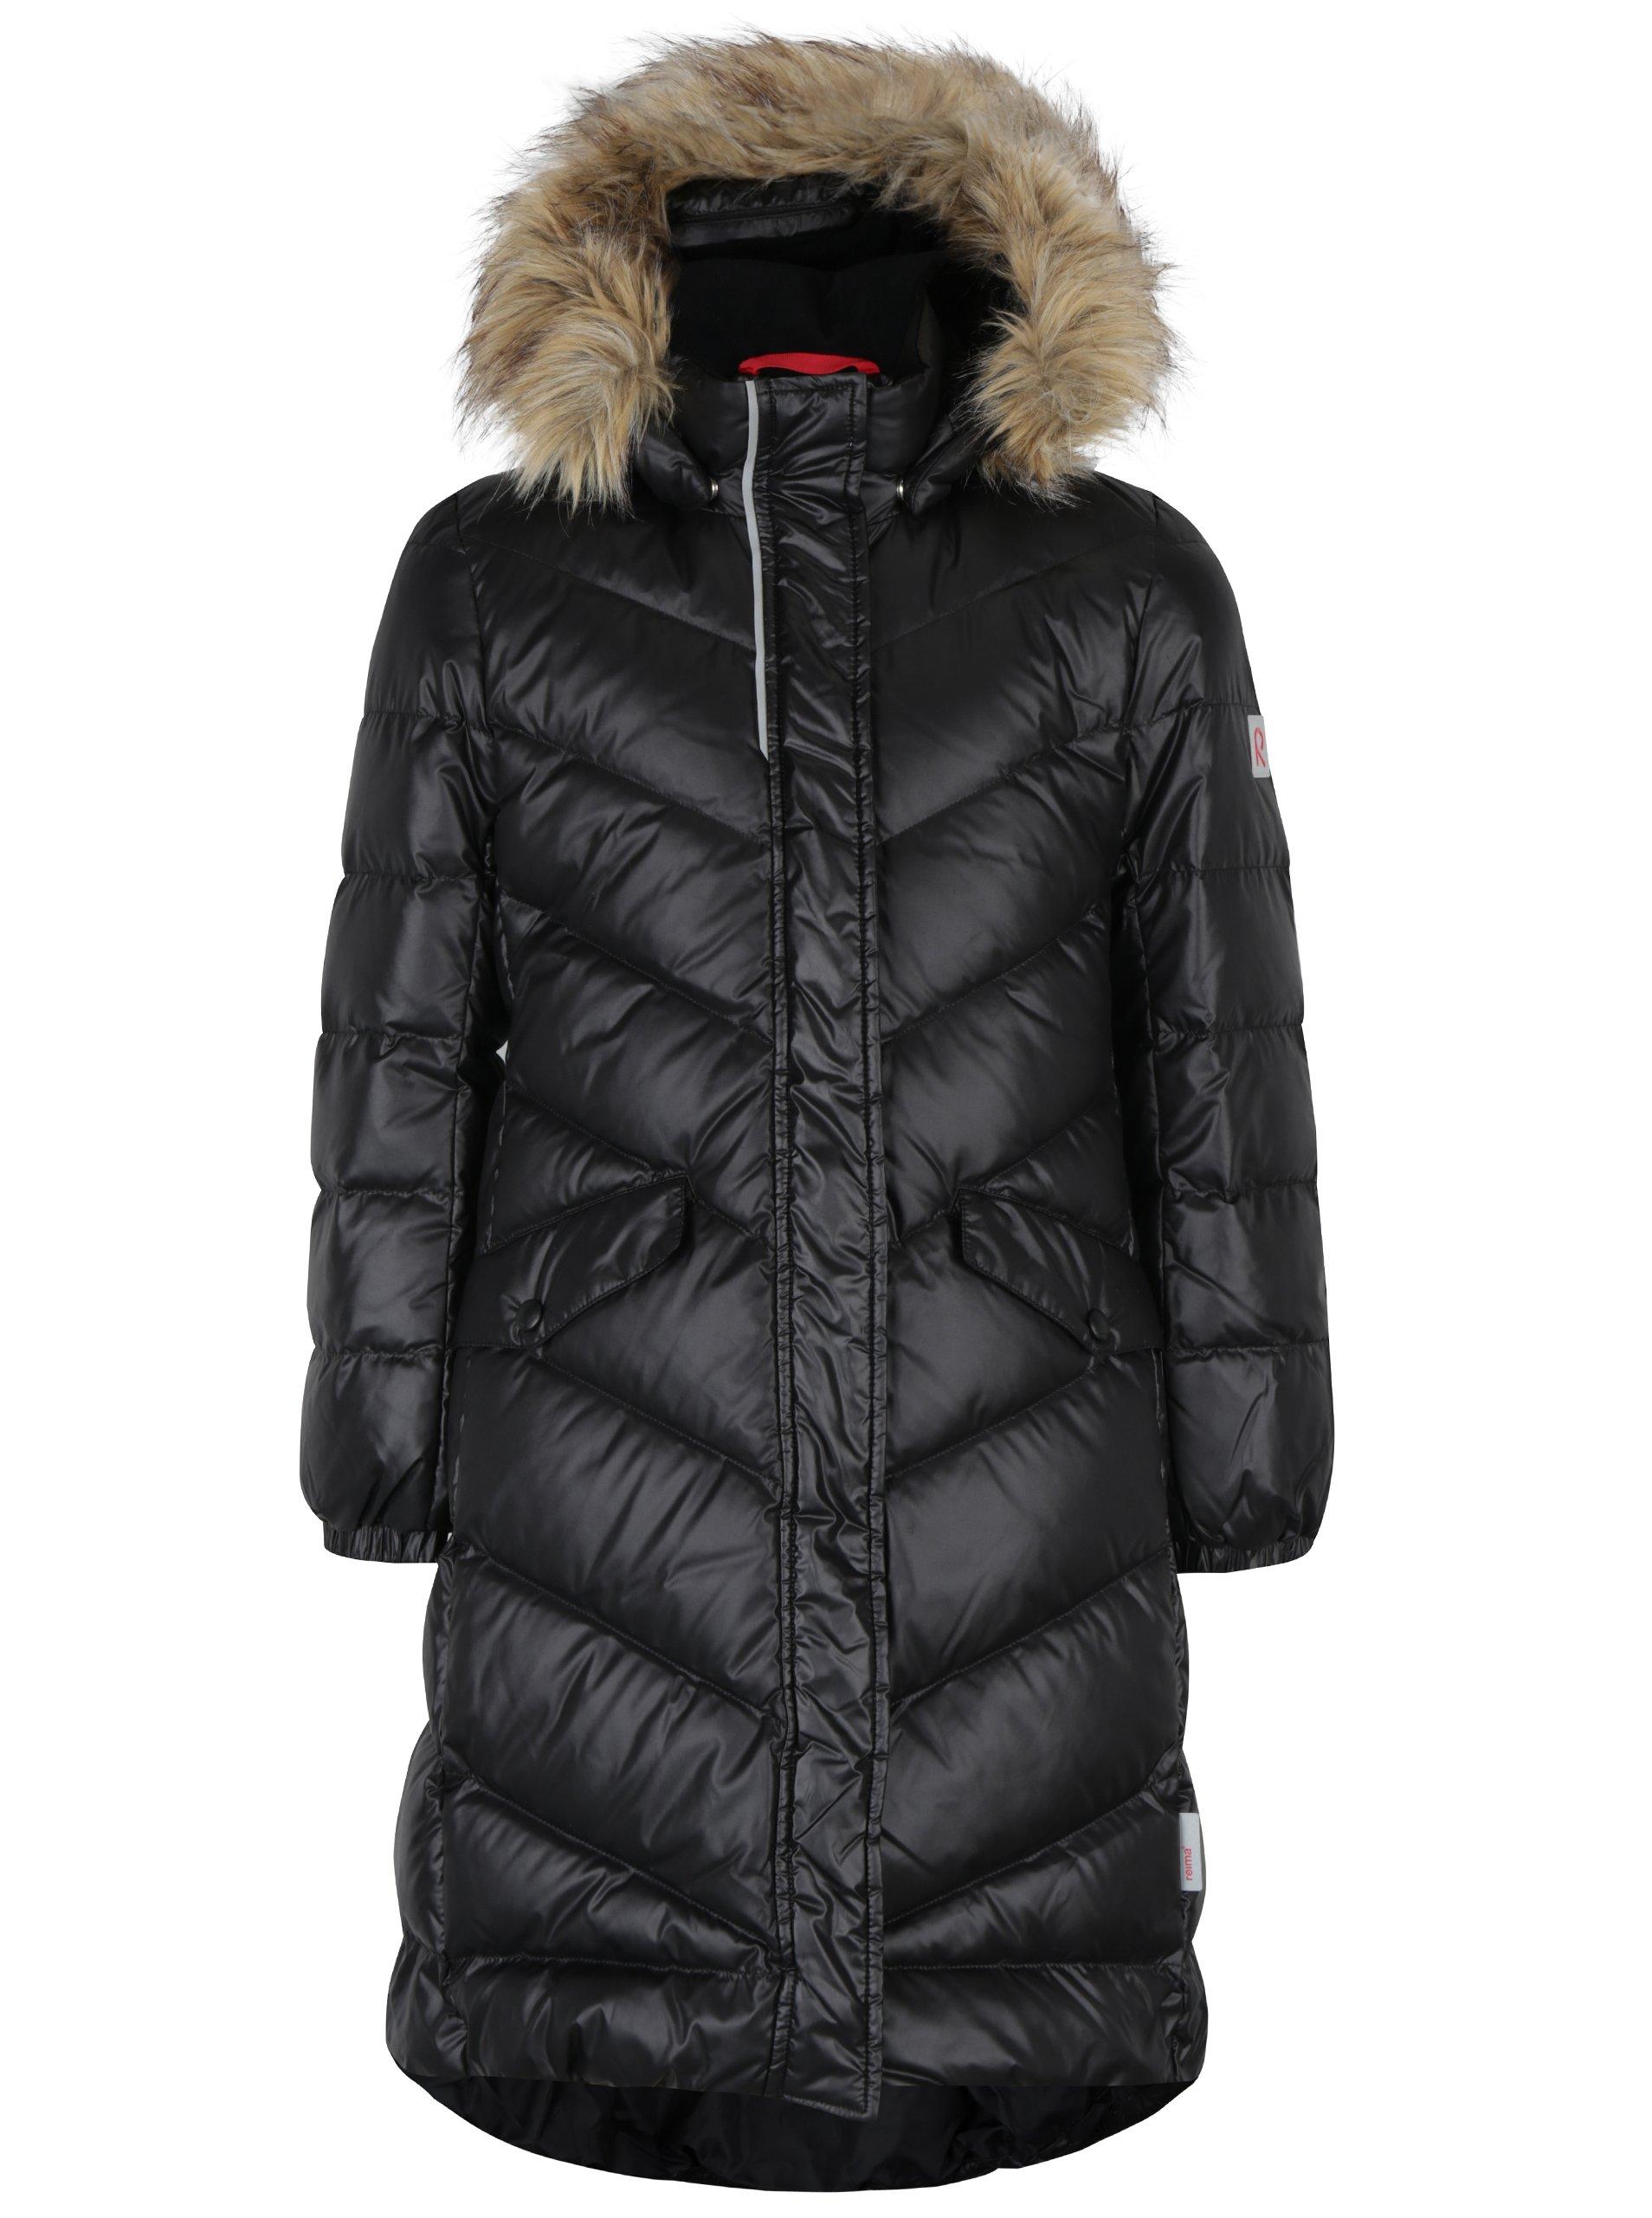 Černý holčičí prošívaný funkční péřový kabát s kapucí Reima Satu